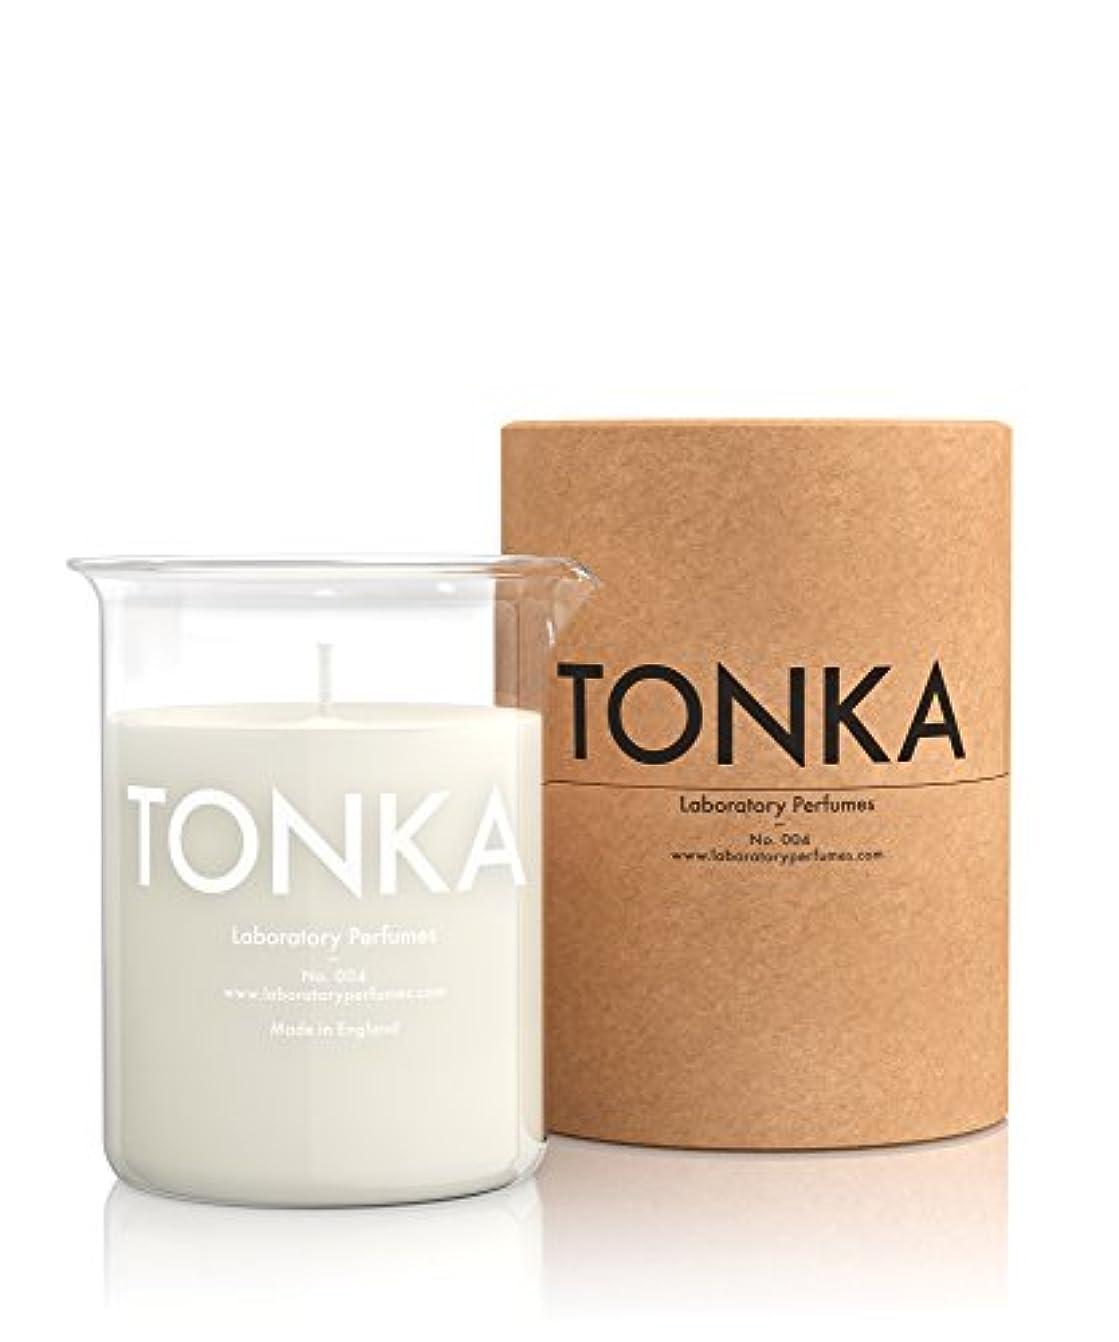 リズミカルなインターネット挽くLabortory Perfumes キャンドル トンカ Tonka (アロマティックオリエンタル Aromatic Oriental) Candle ラボラトリー パフューム